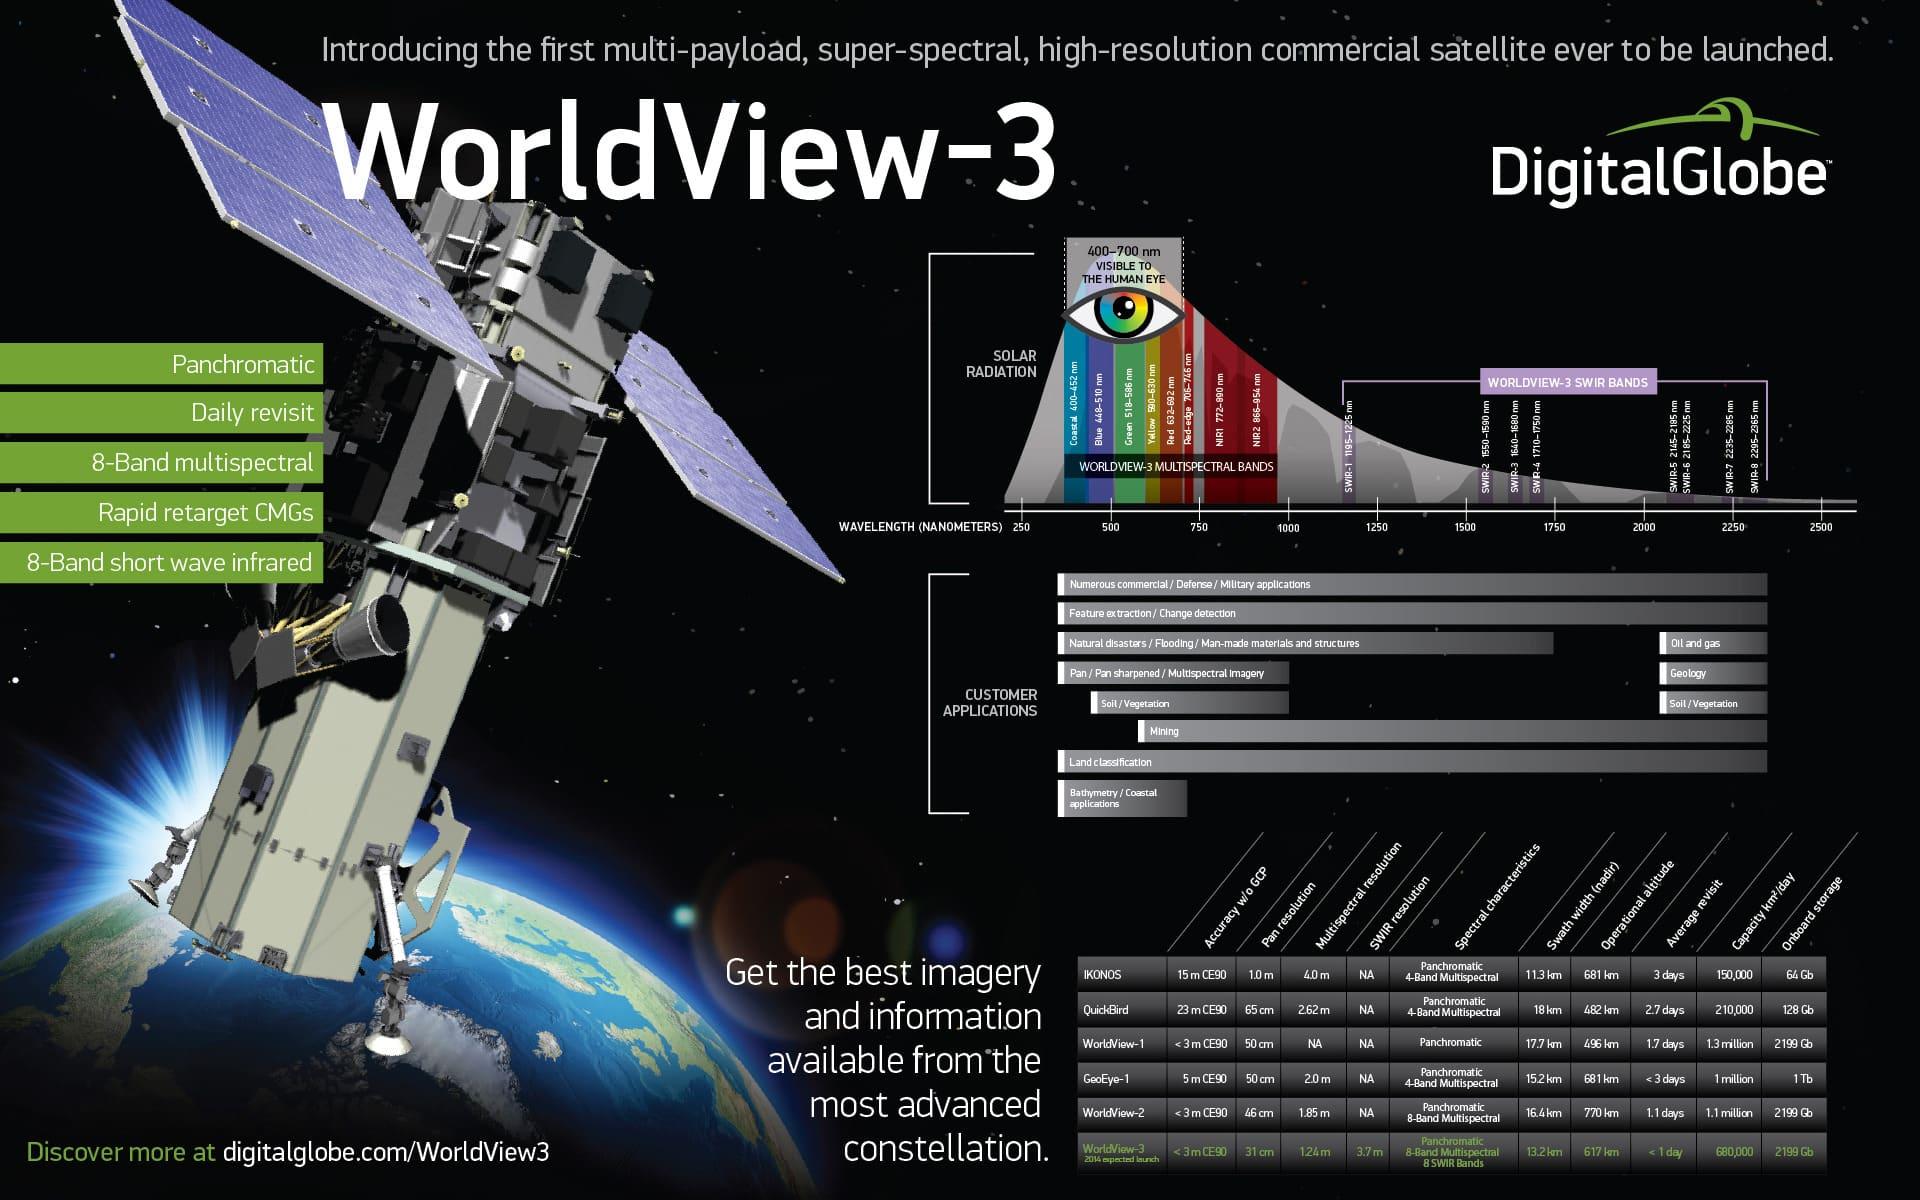 El lanzamiento del satélite Worldview-3 permitirá mejorar detalles de los servicios de mapas.